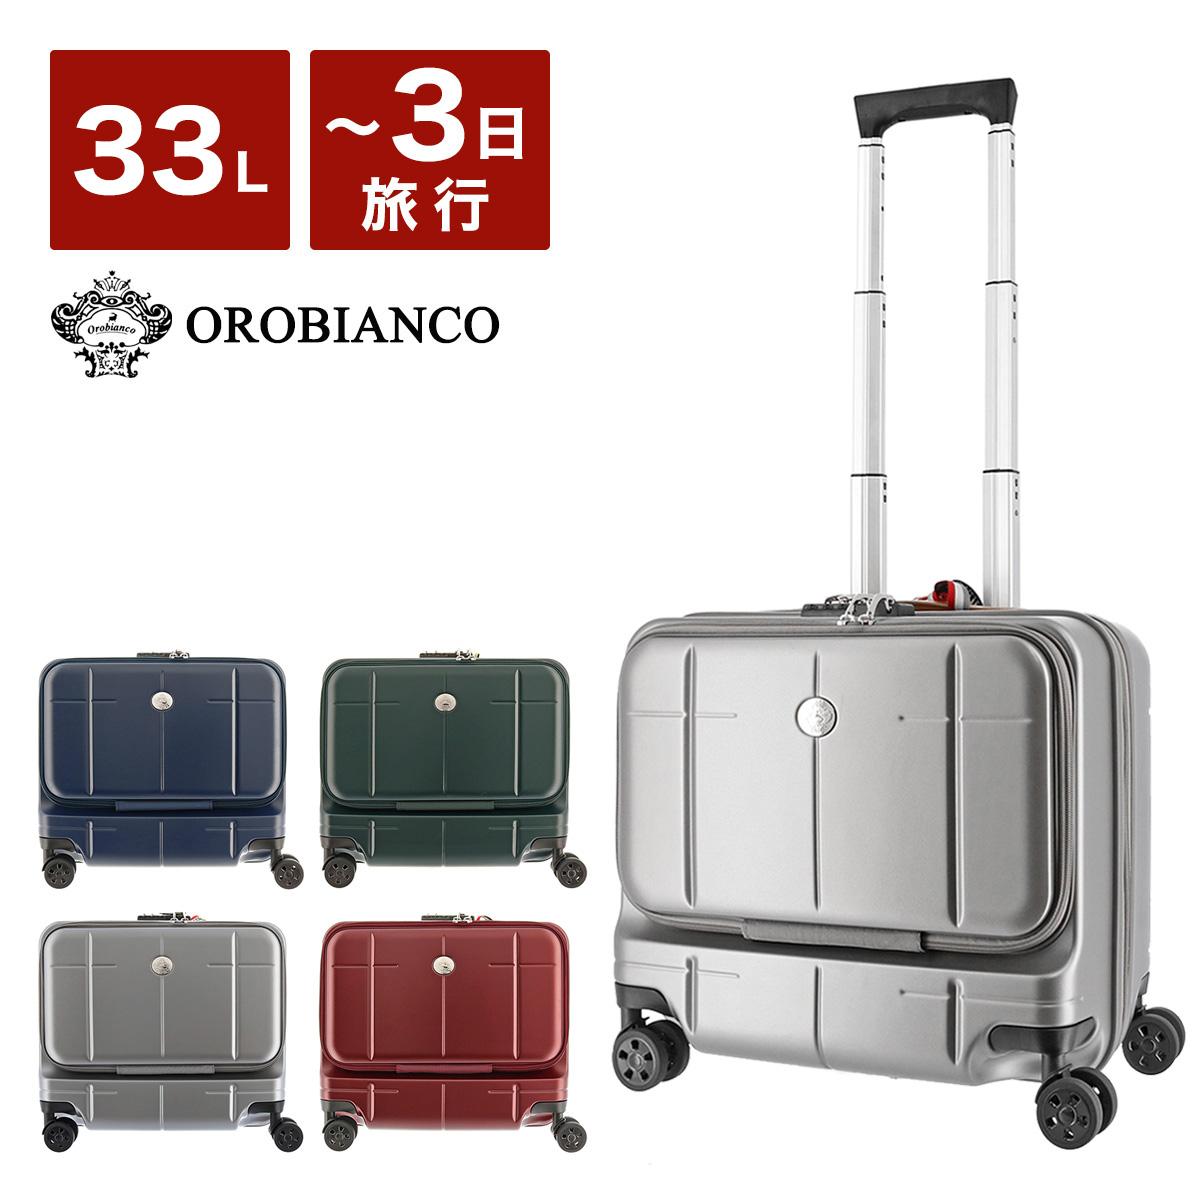 オロビアンコ スーツケース 33L 37cm 9711 ハード フロントオープン TSAロック搭載 ポケット付き ARZILLO [bef][PO10]